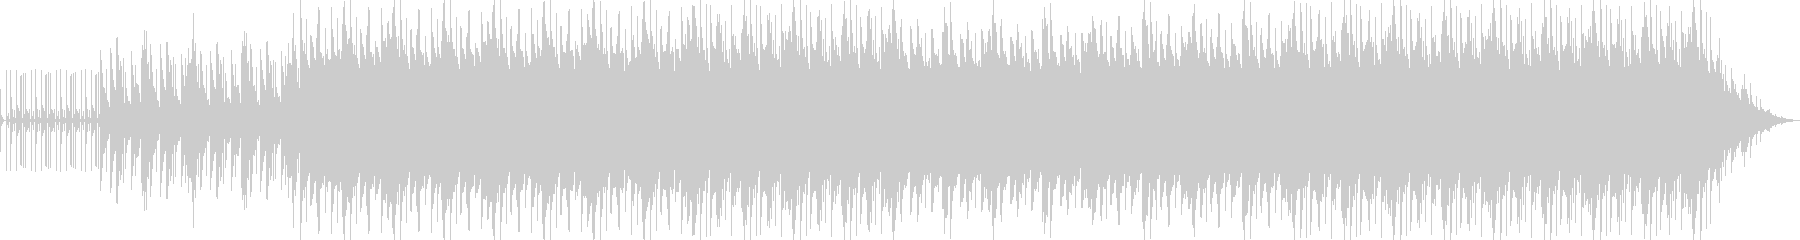 粛々と進むビートとピアノの残響の未再生の波形